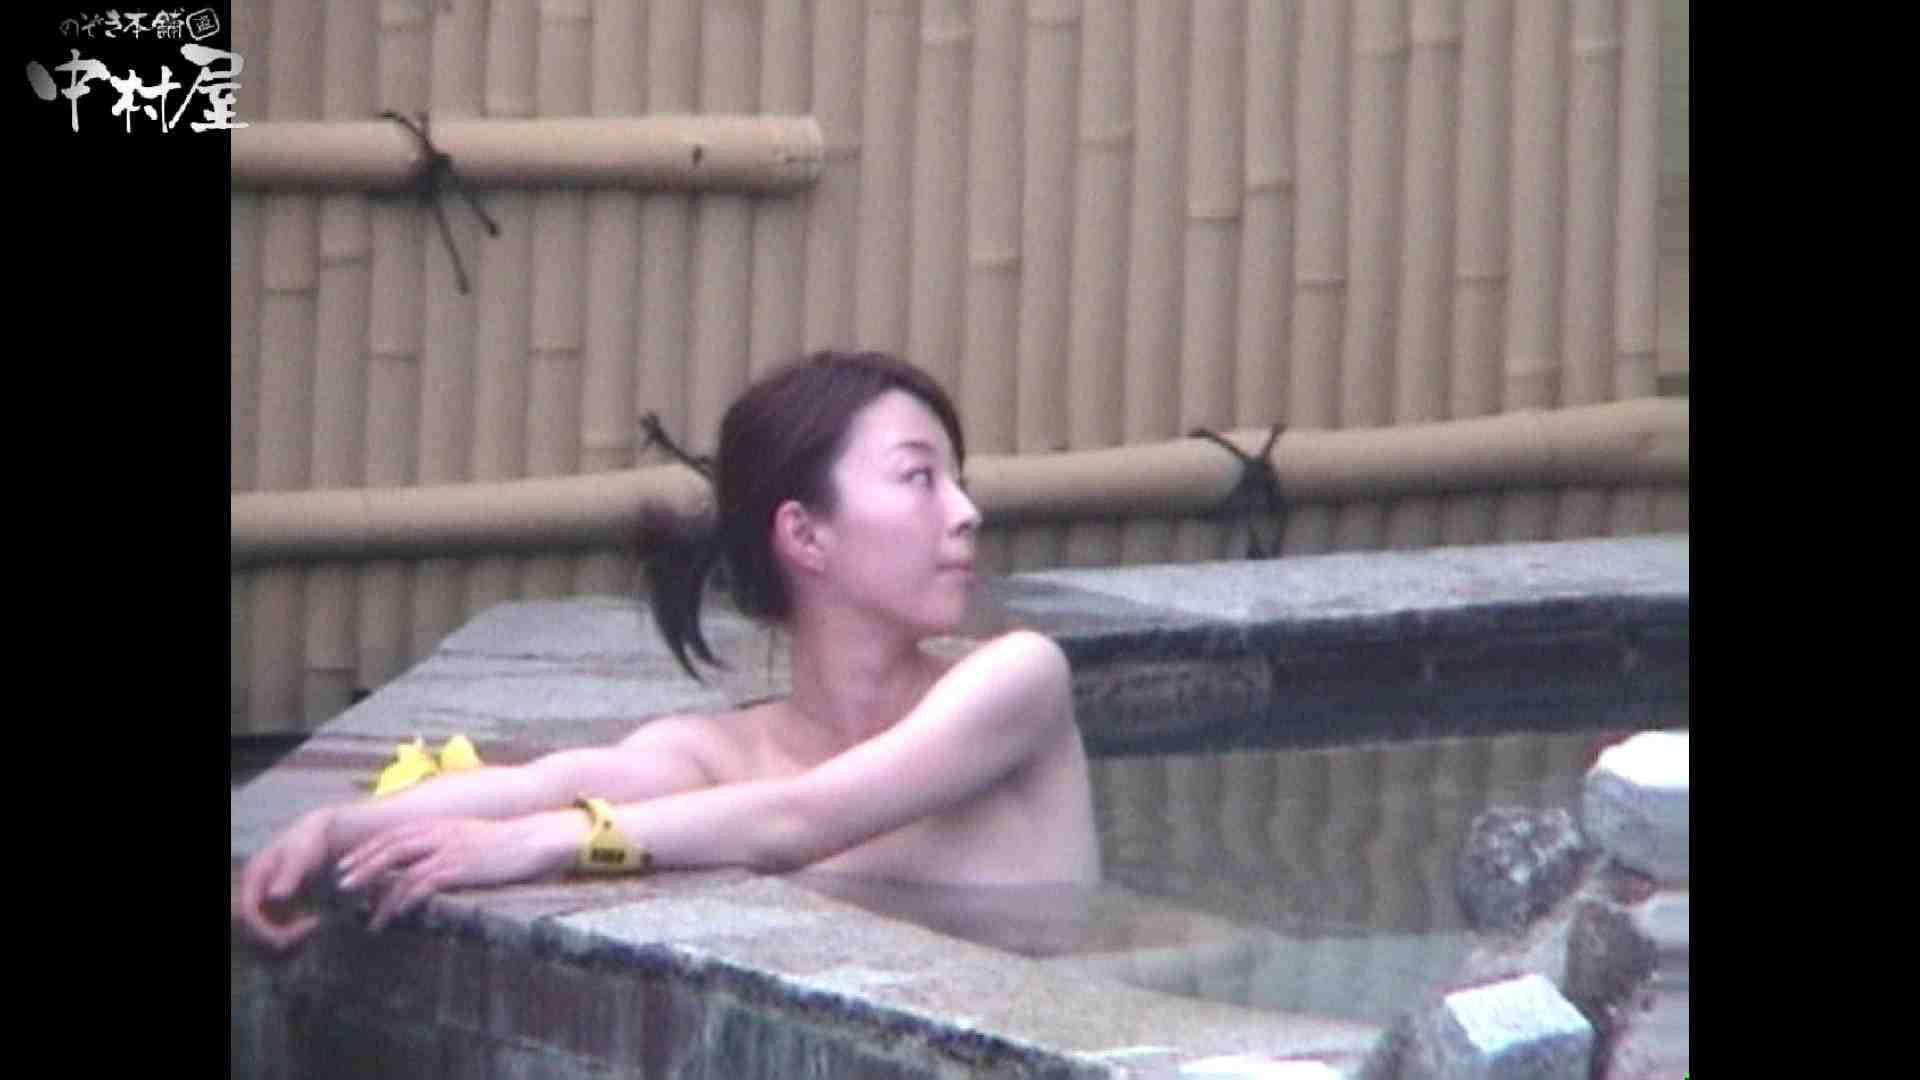 Aquaな露天風呂Vol.964 美しいOLの裸体  104pic 60